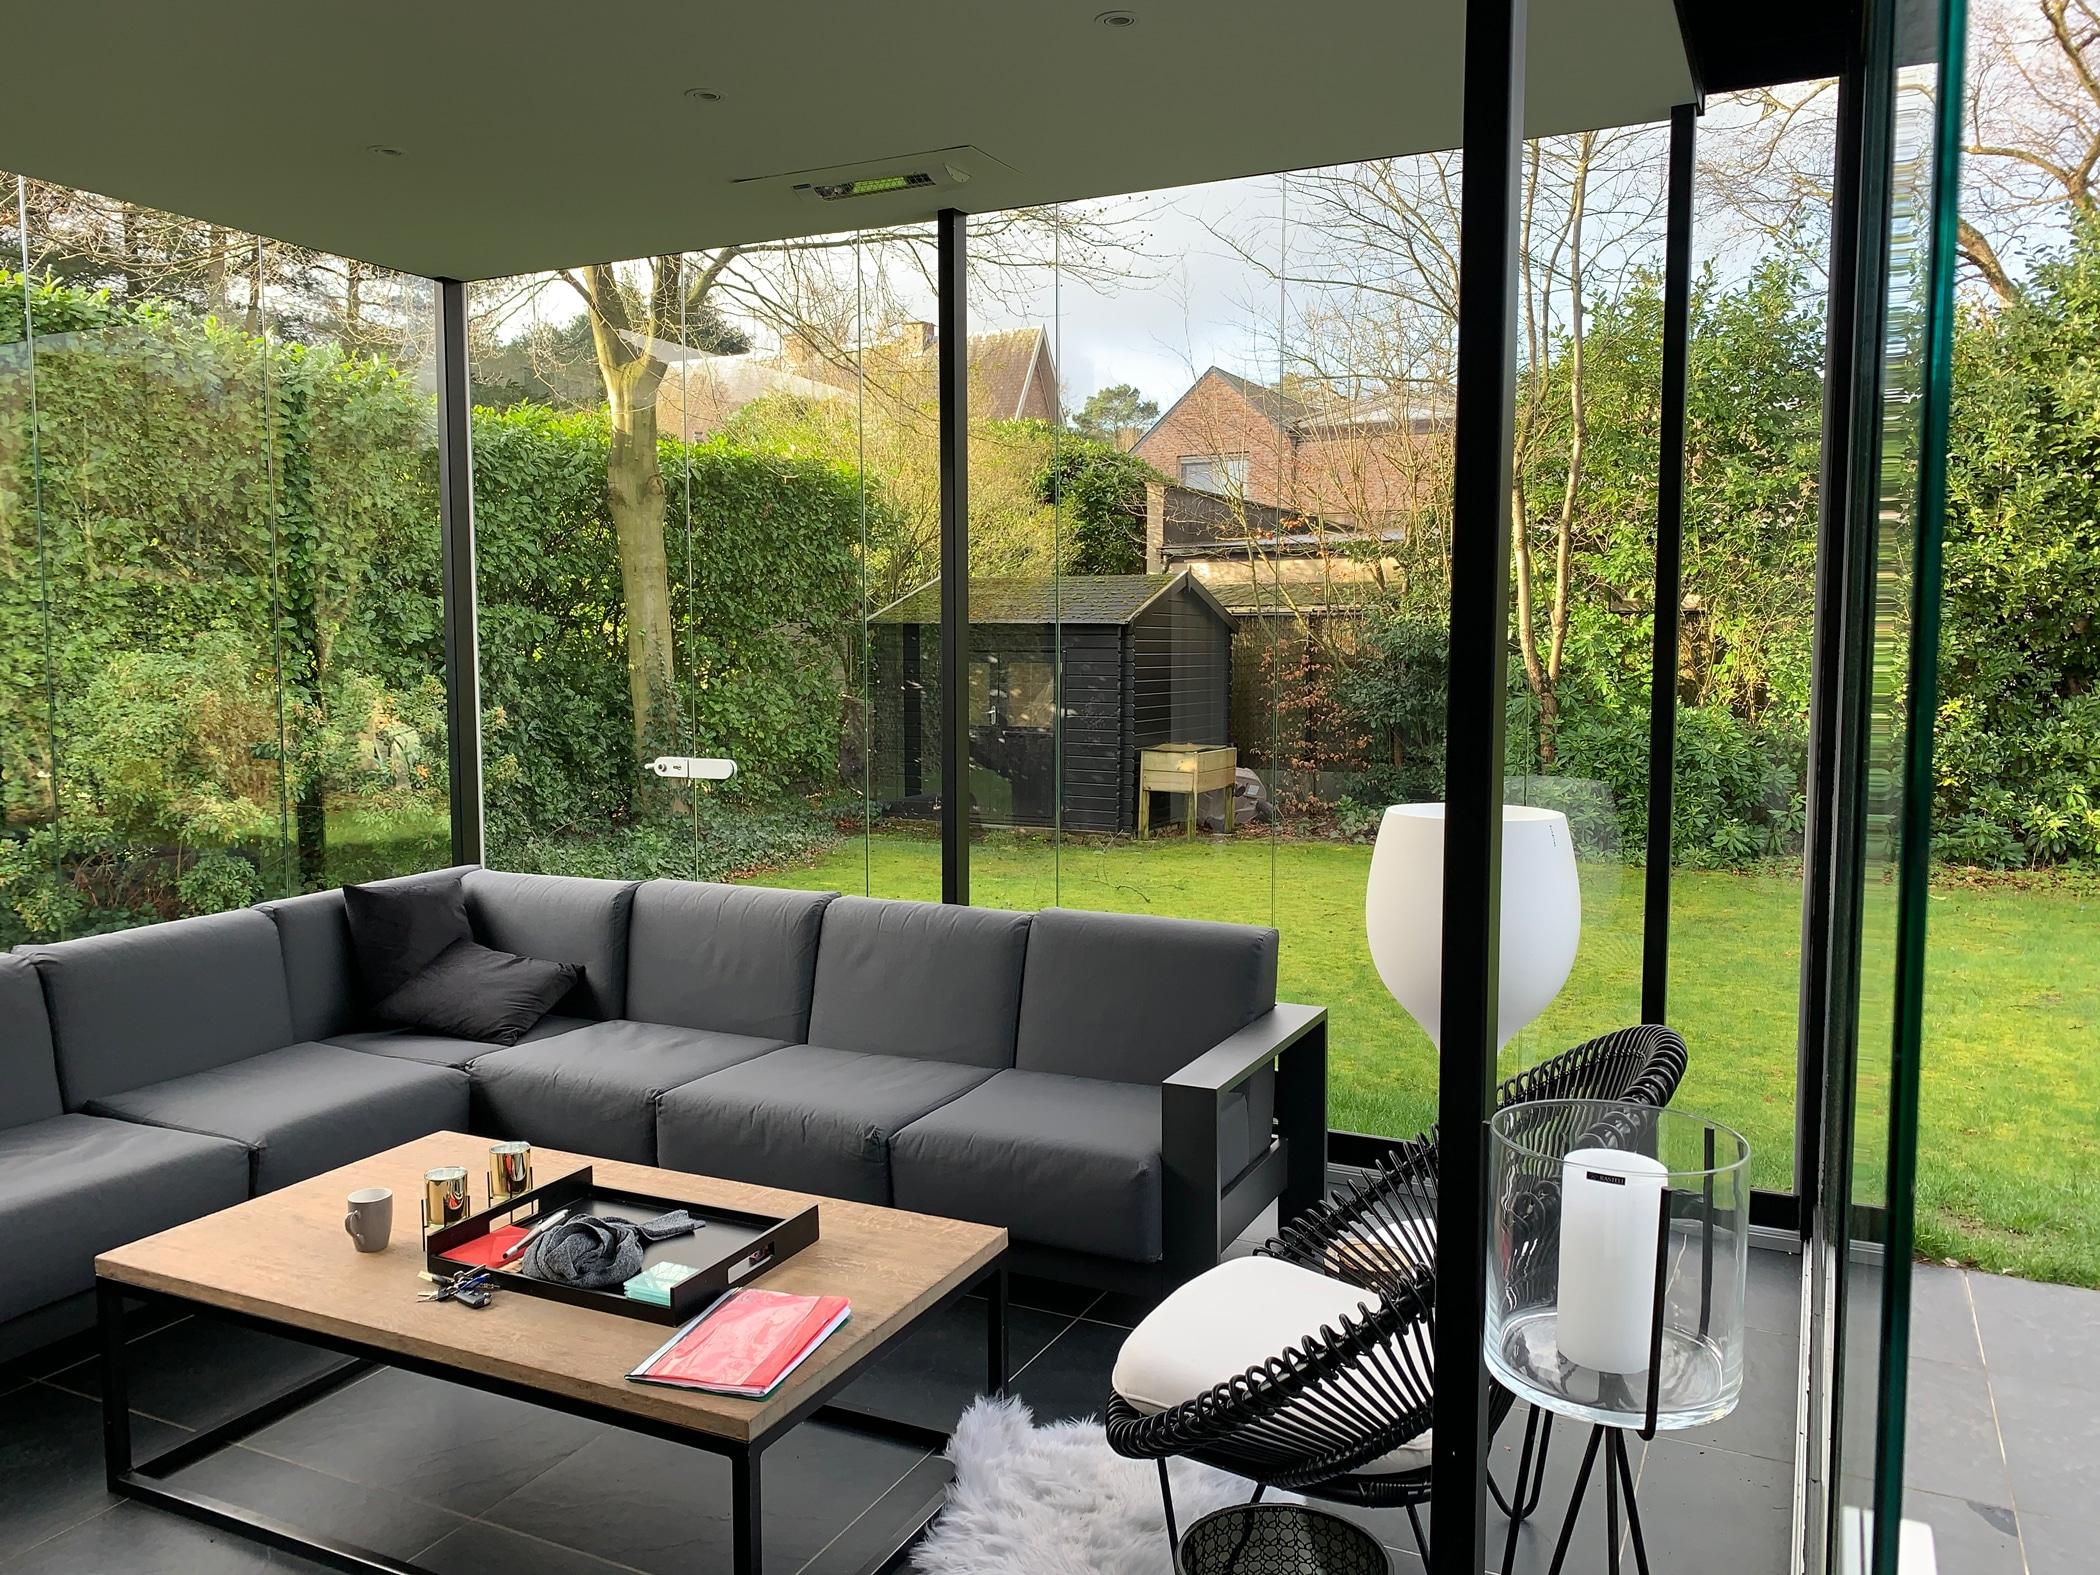 Schiebe-Dreh-System Wind- und Regenschutz für Terrasse